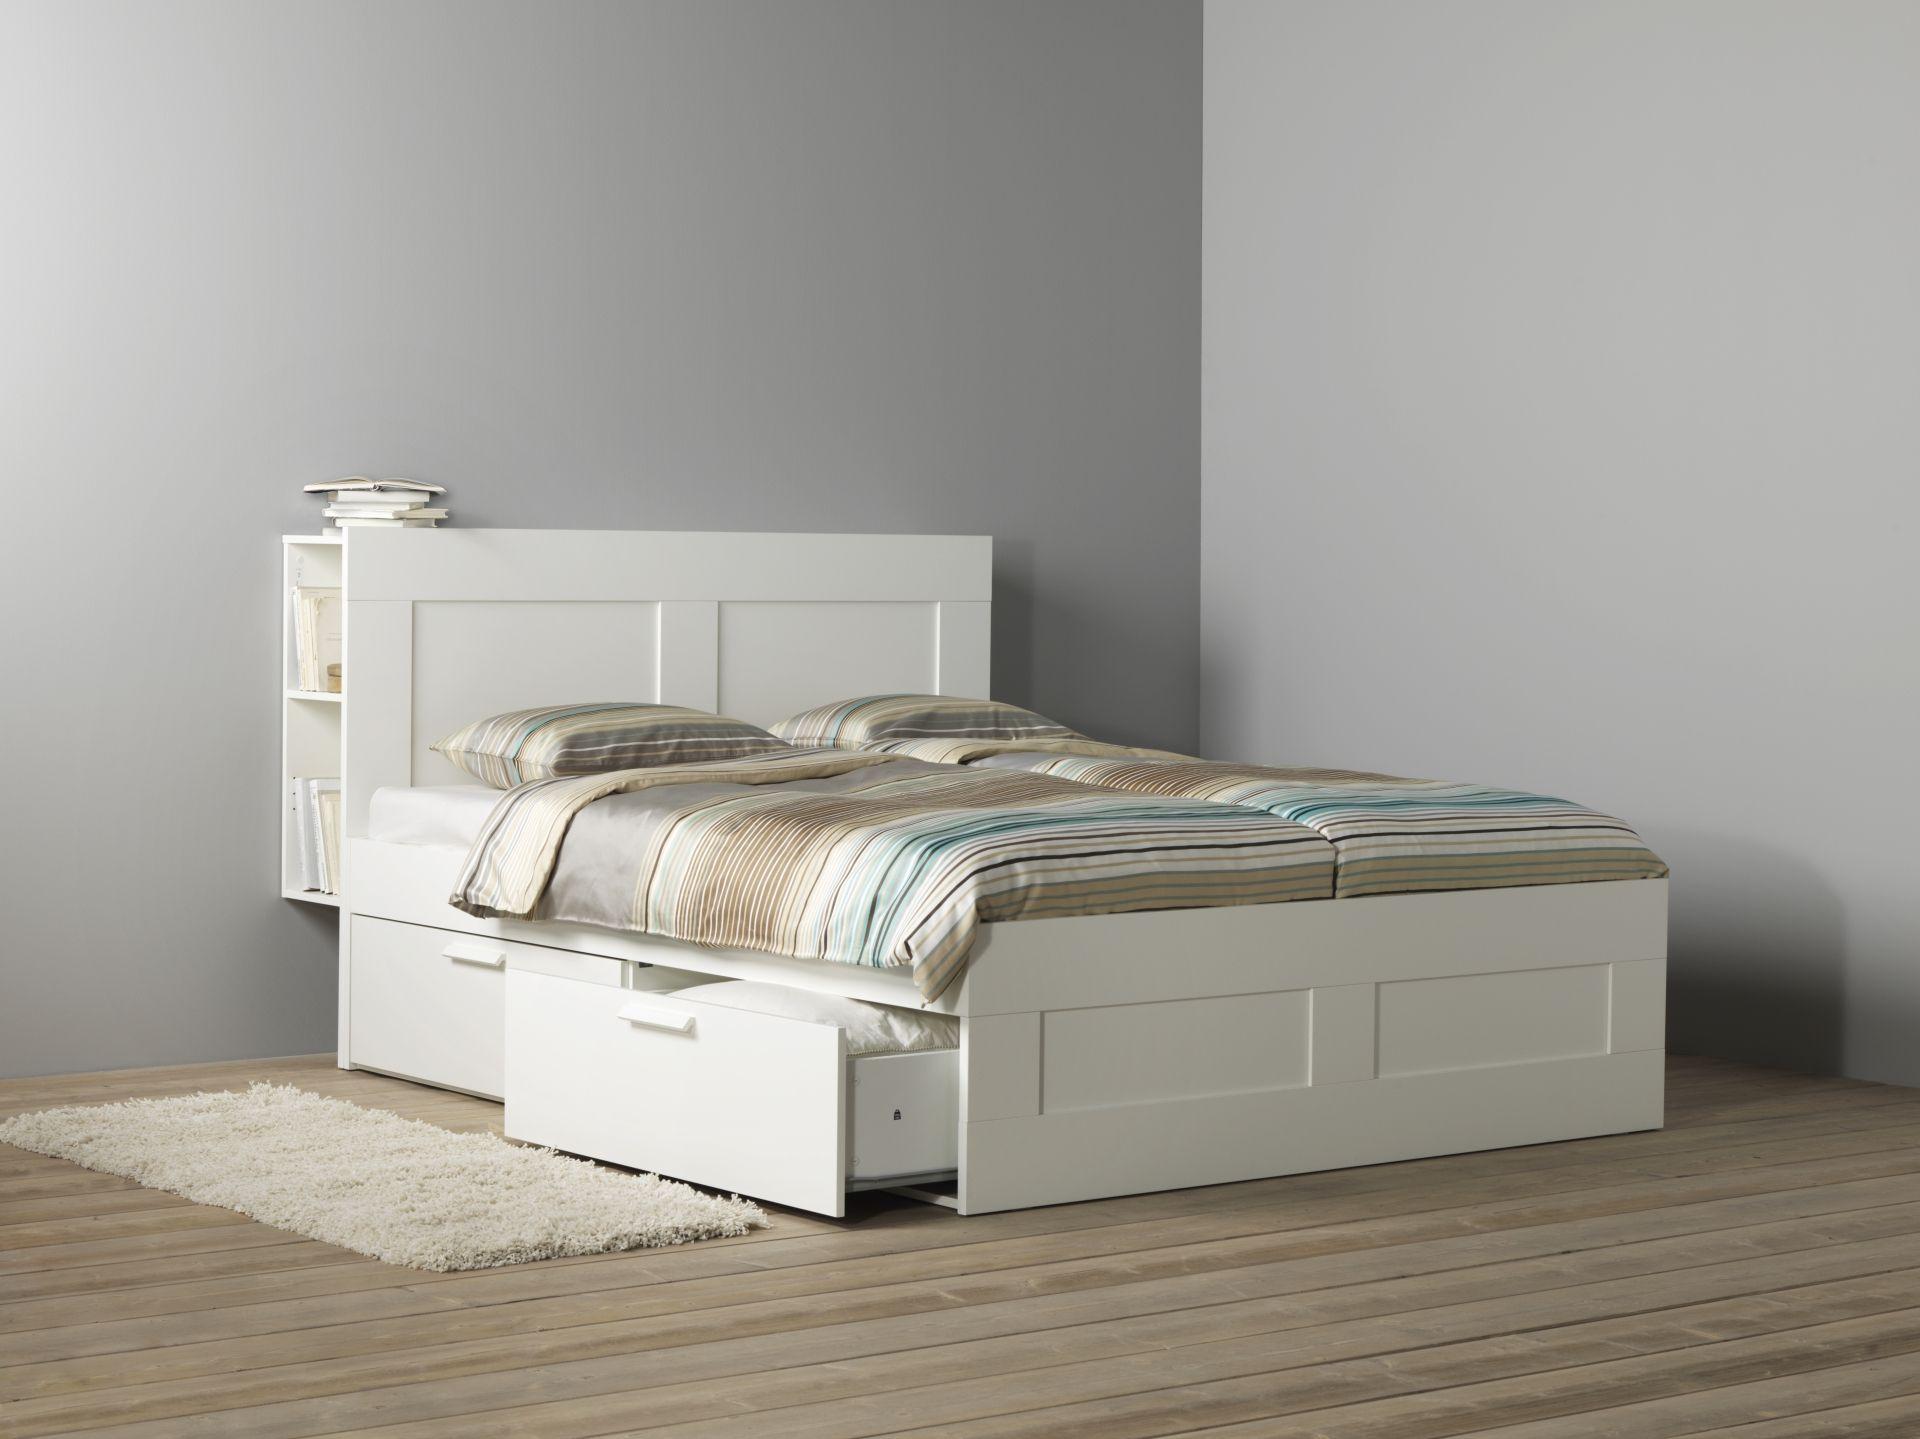 BRIMNES bedframe met opberger en bedeinde | #IKEAcatalogus #nieuw ...